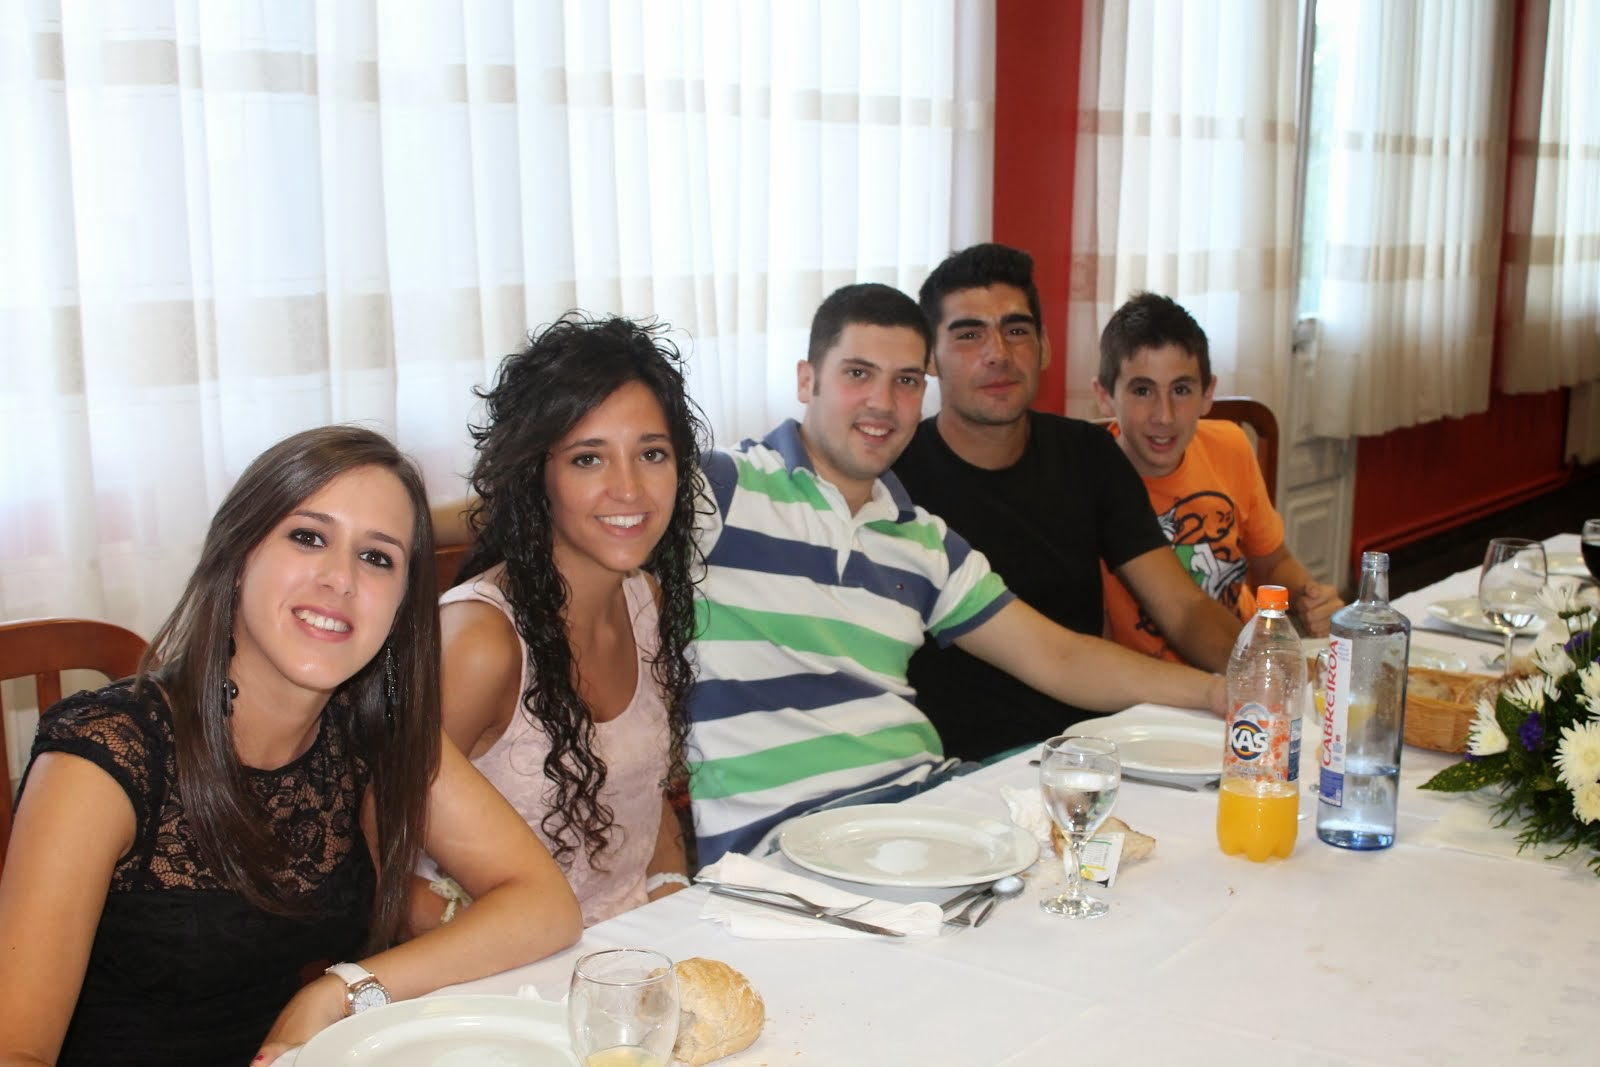 Mis primos Lorena,Victor, Adrian y Alberto y la novia de victor